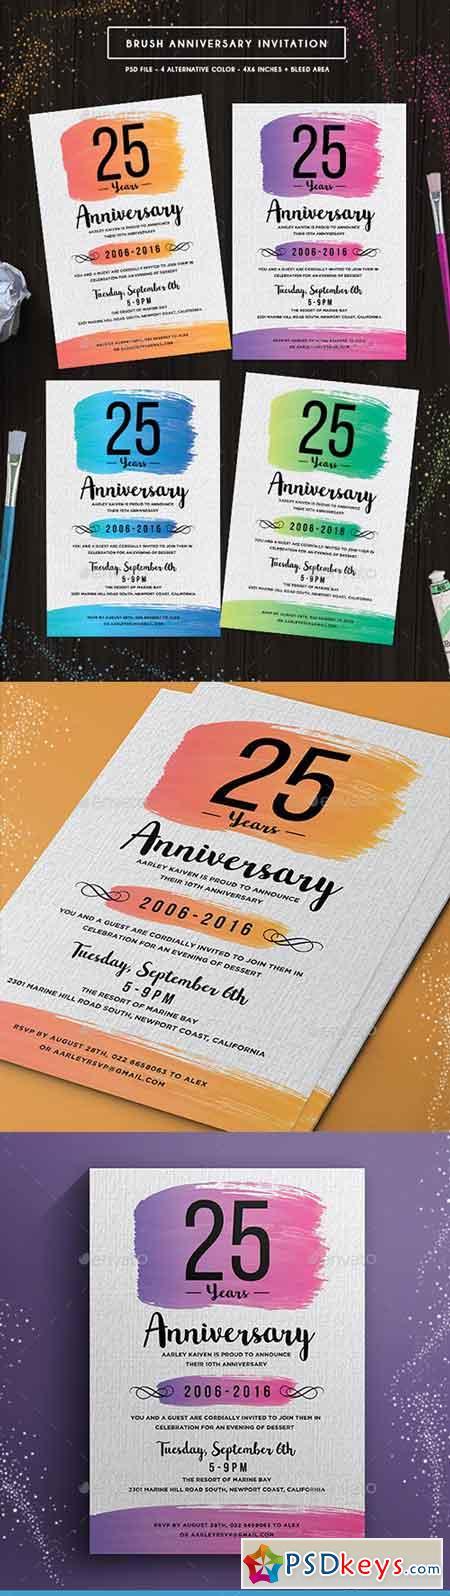 Brush Anniversary Invitation 18658369